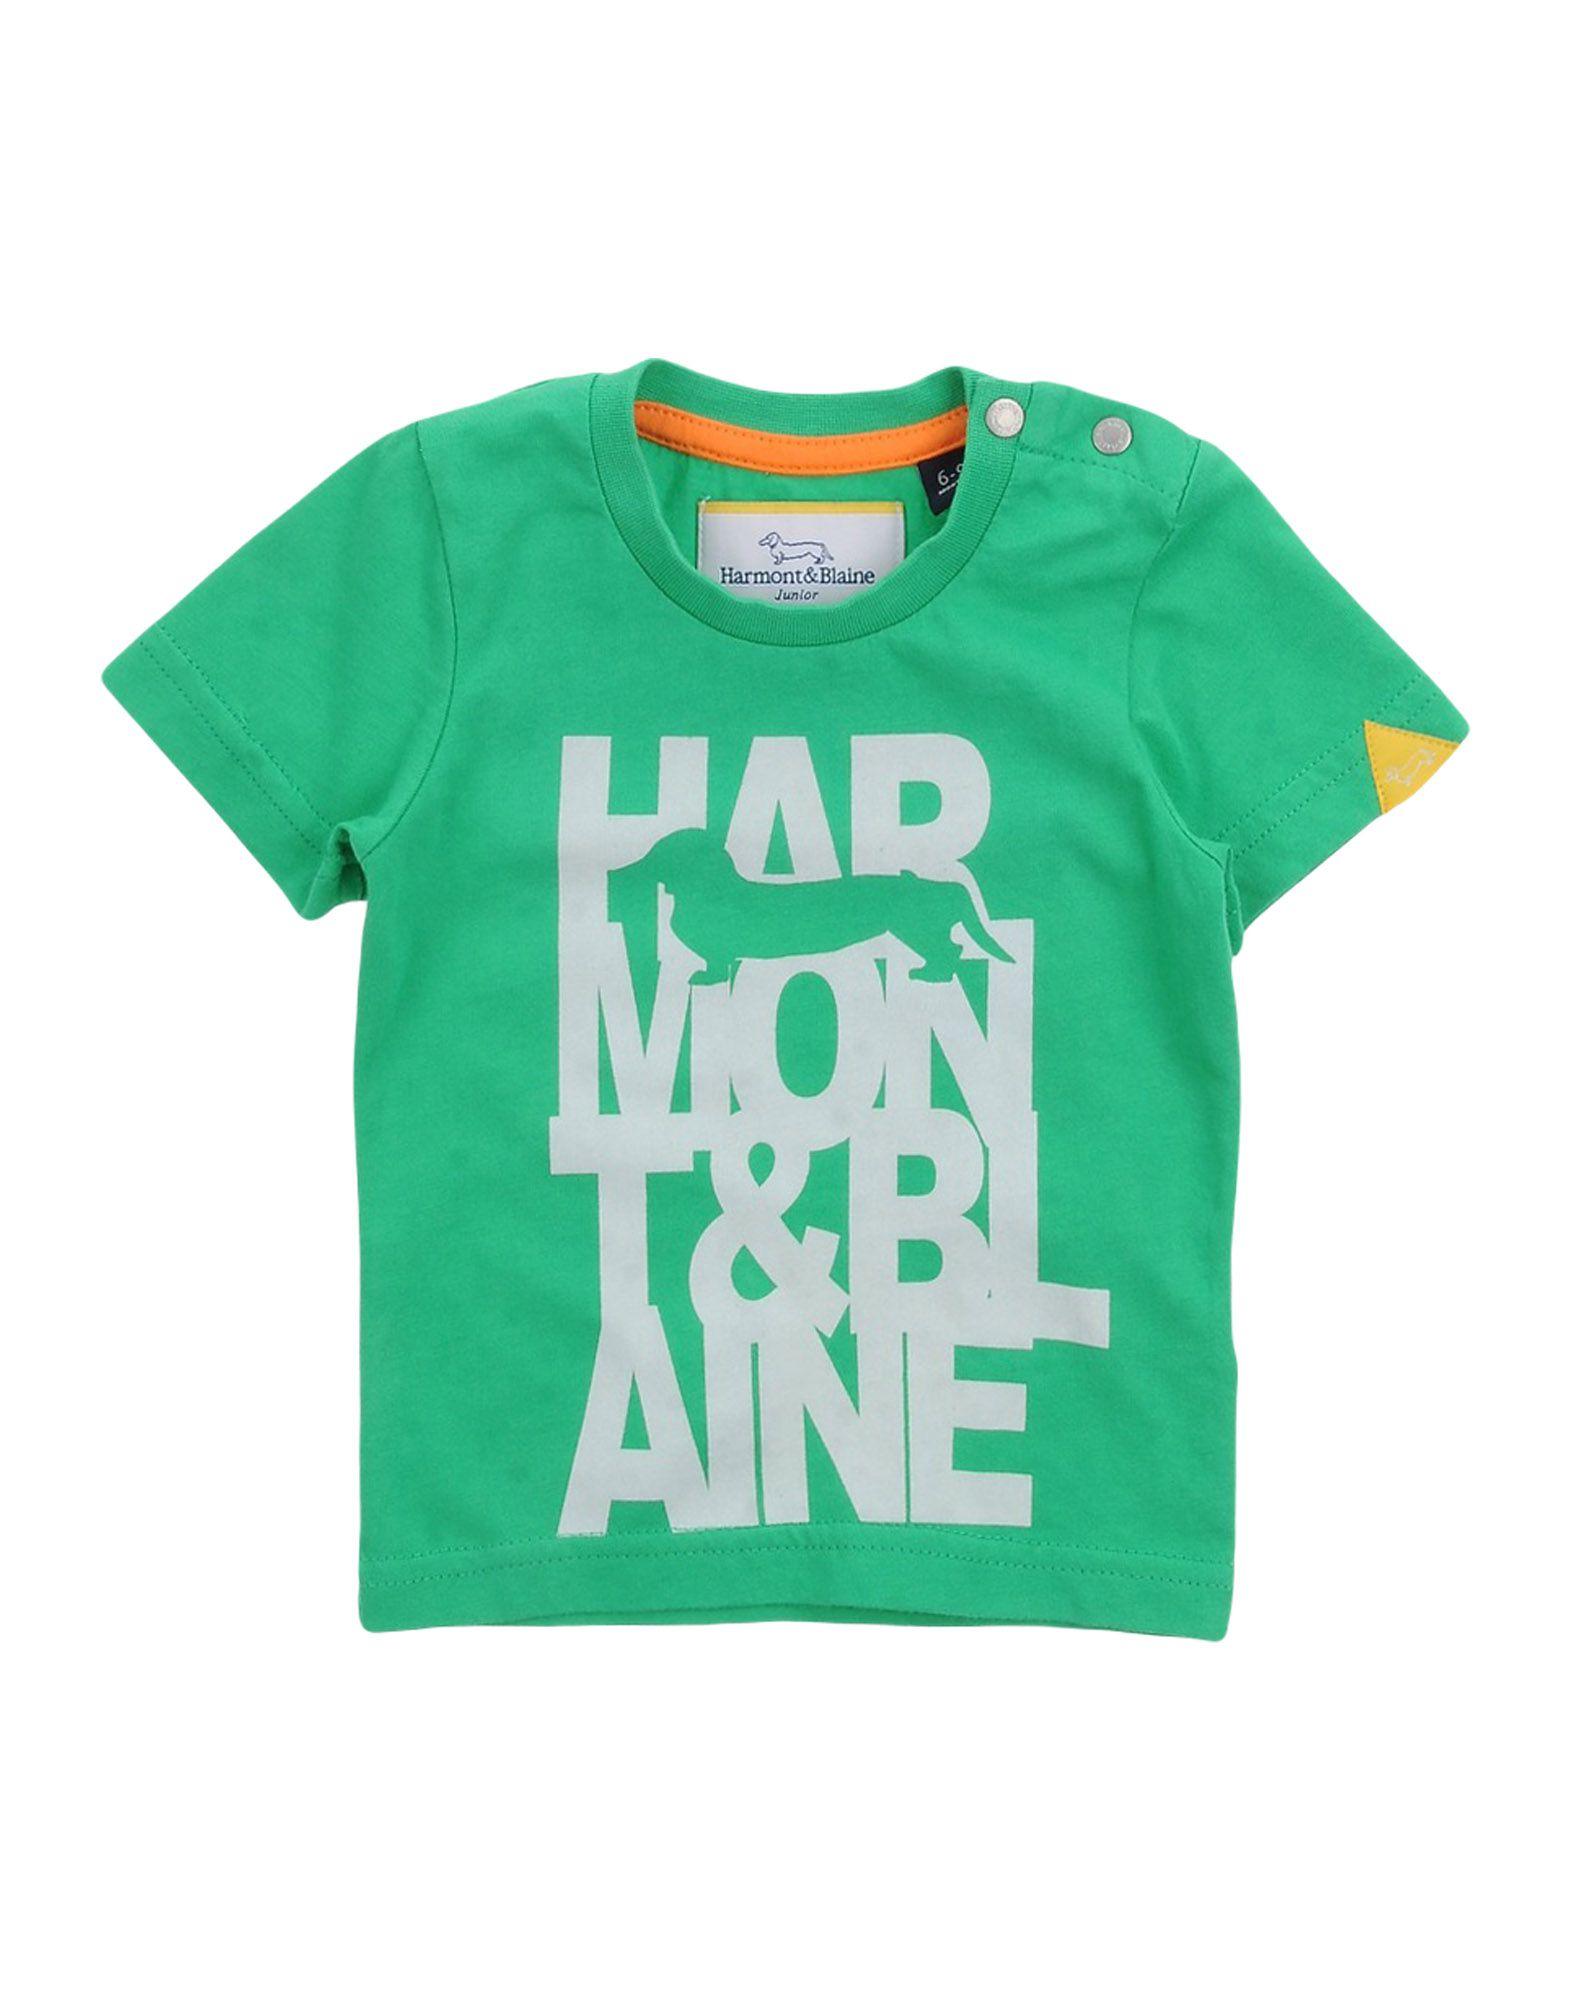 HARMONT&BLAINE Jungen 0-24 monate T-shirts Farbe Grün Größe 6